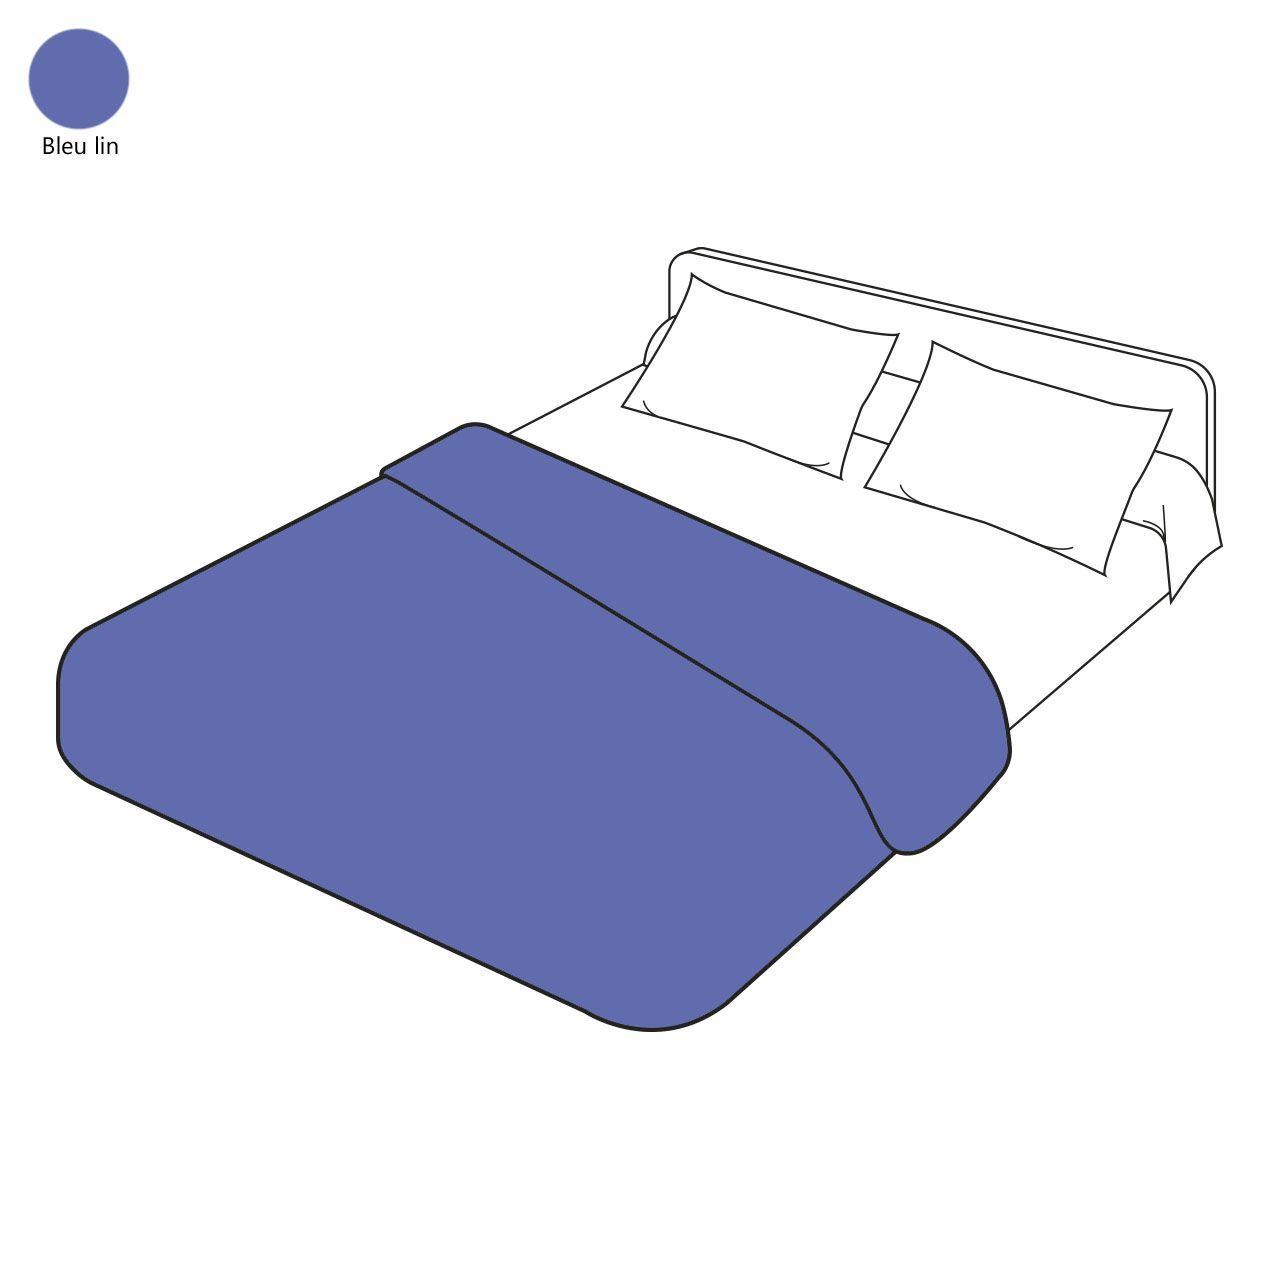 Housse De Couette Uni Bleu Lin Coton 140x200 Tradilinge